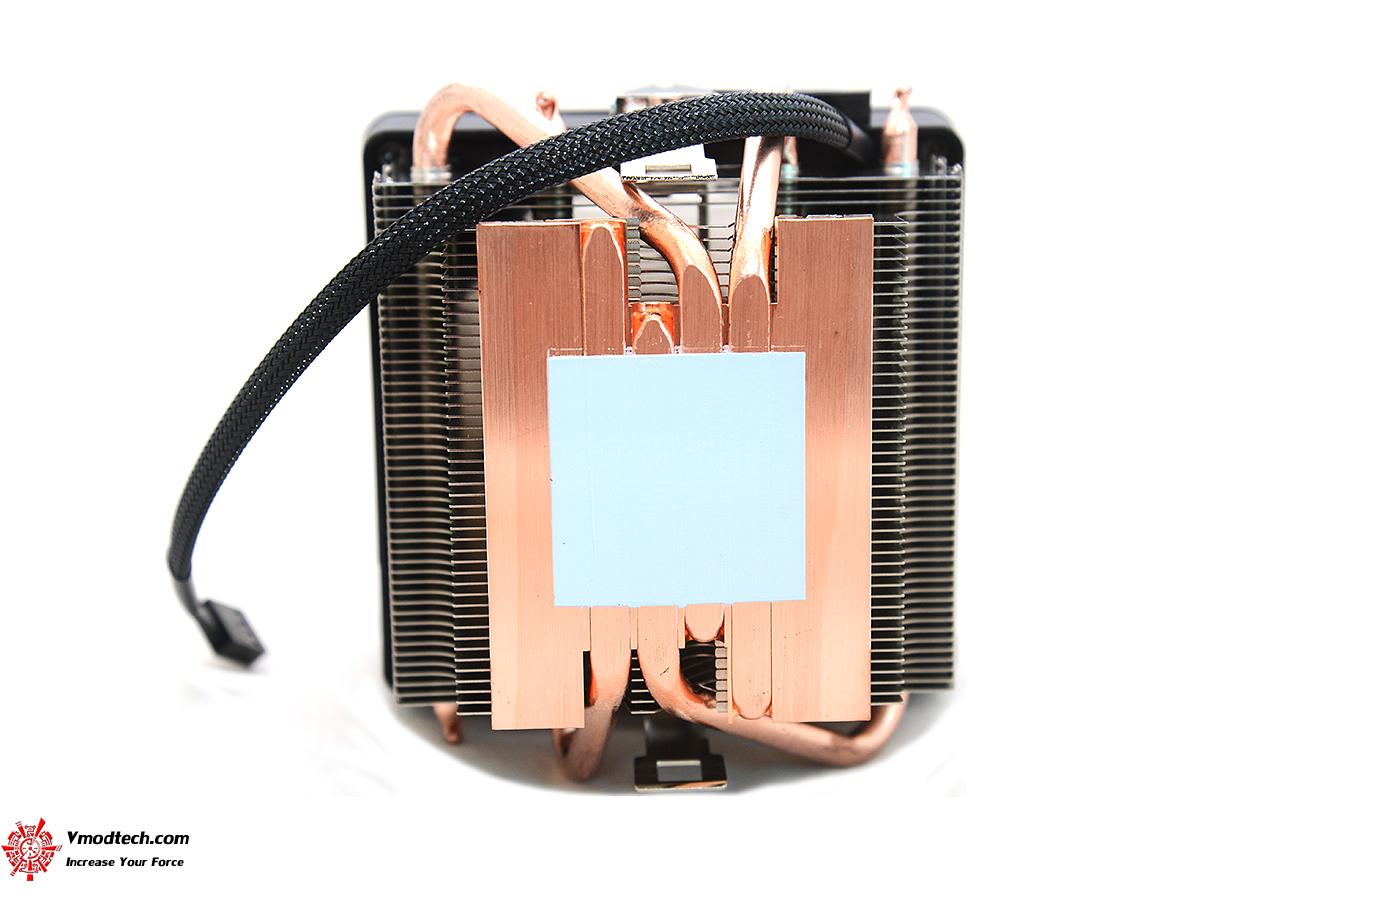 dsc 1110 AMD RYZEN 7 2700X PROCESSOR REVIEW